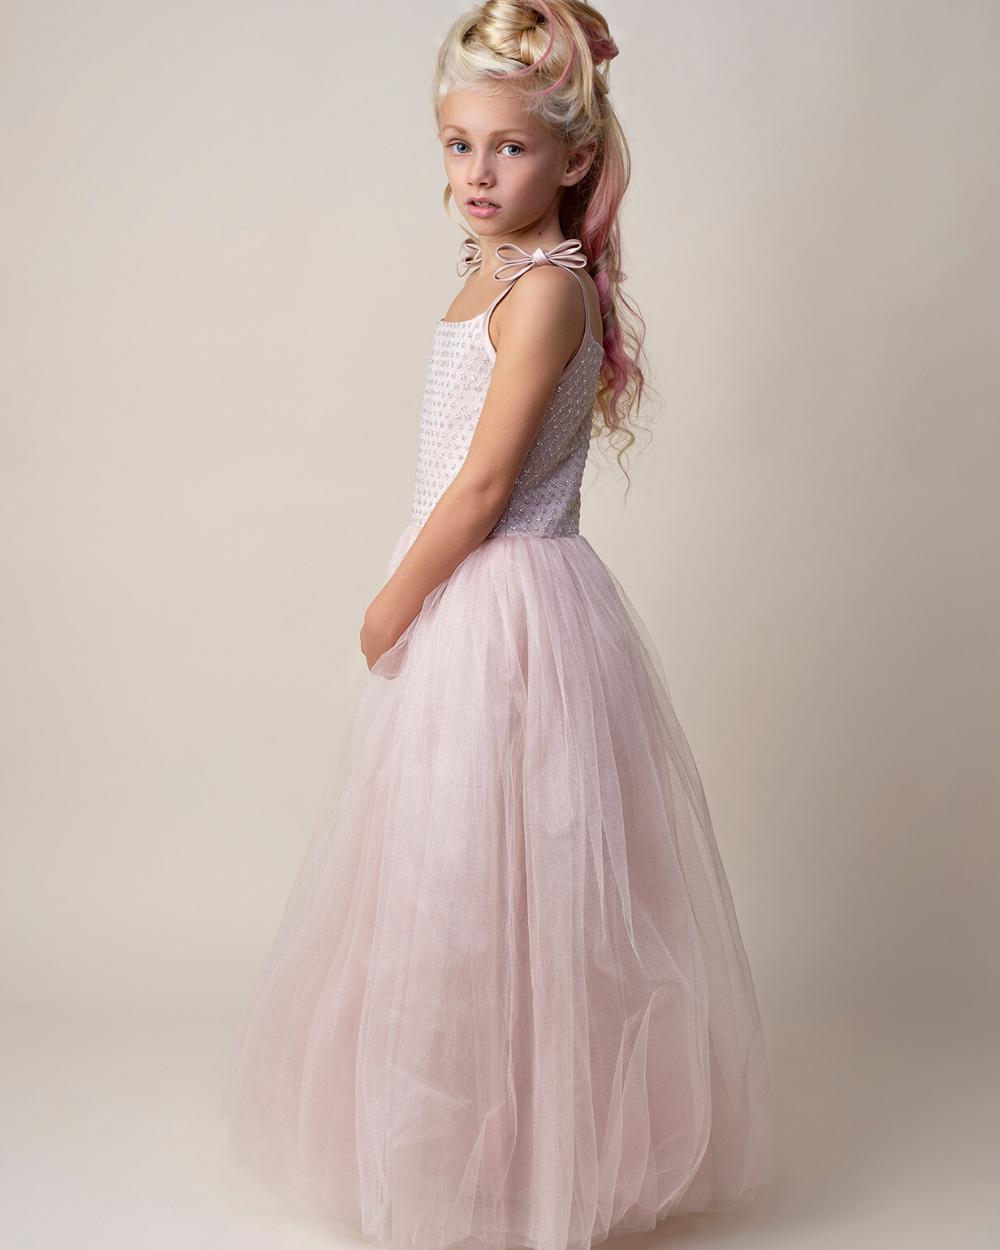 Goede Lange roze jurk voor bruidsmeisjes of als feestjurk ♡ So Cute! AY-95